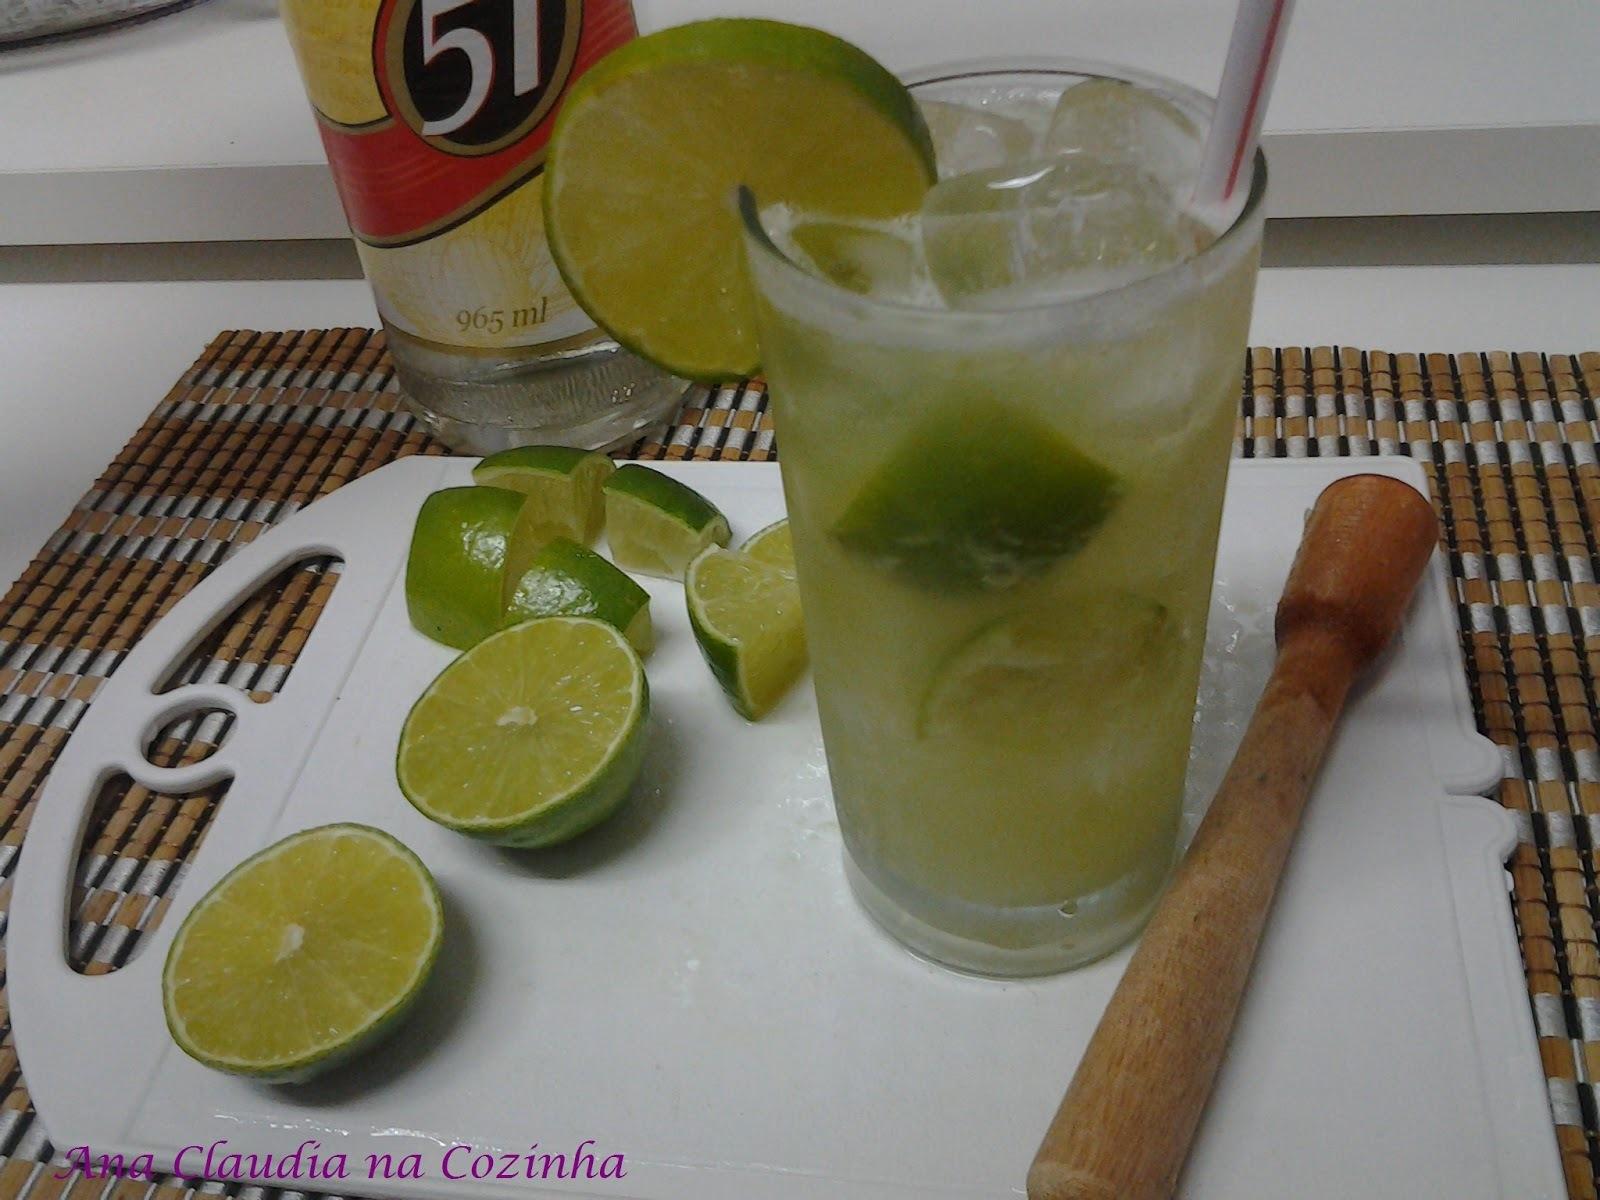 Caipirinha de limão by Junior